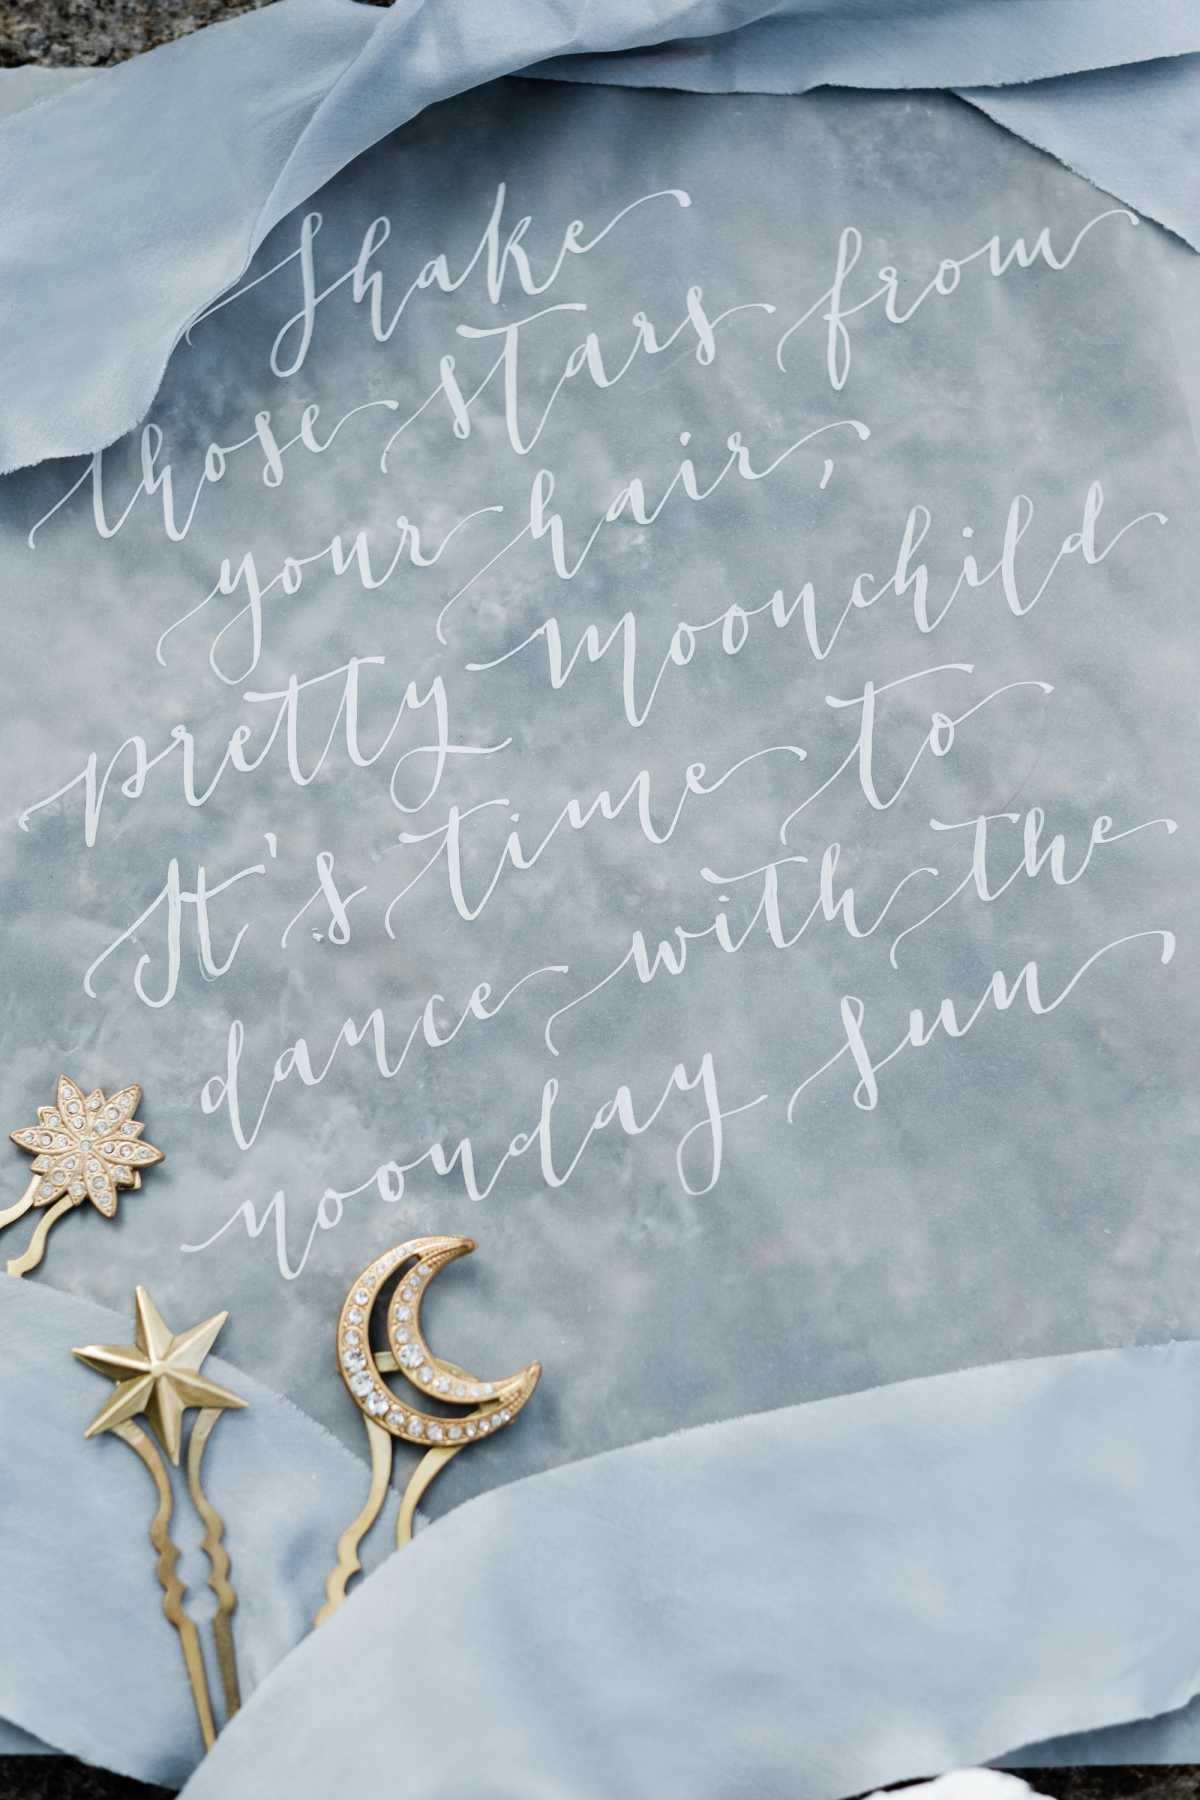 Dettagli da sposa con calligrafia a mano